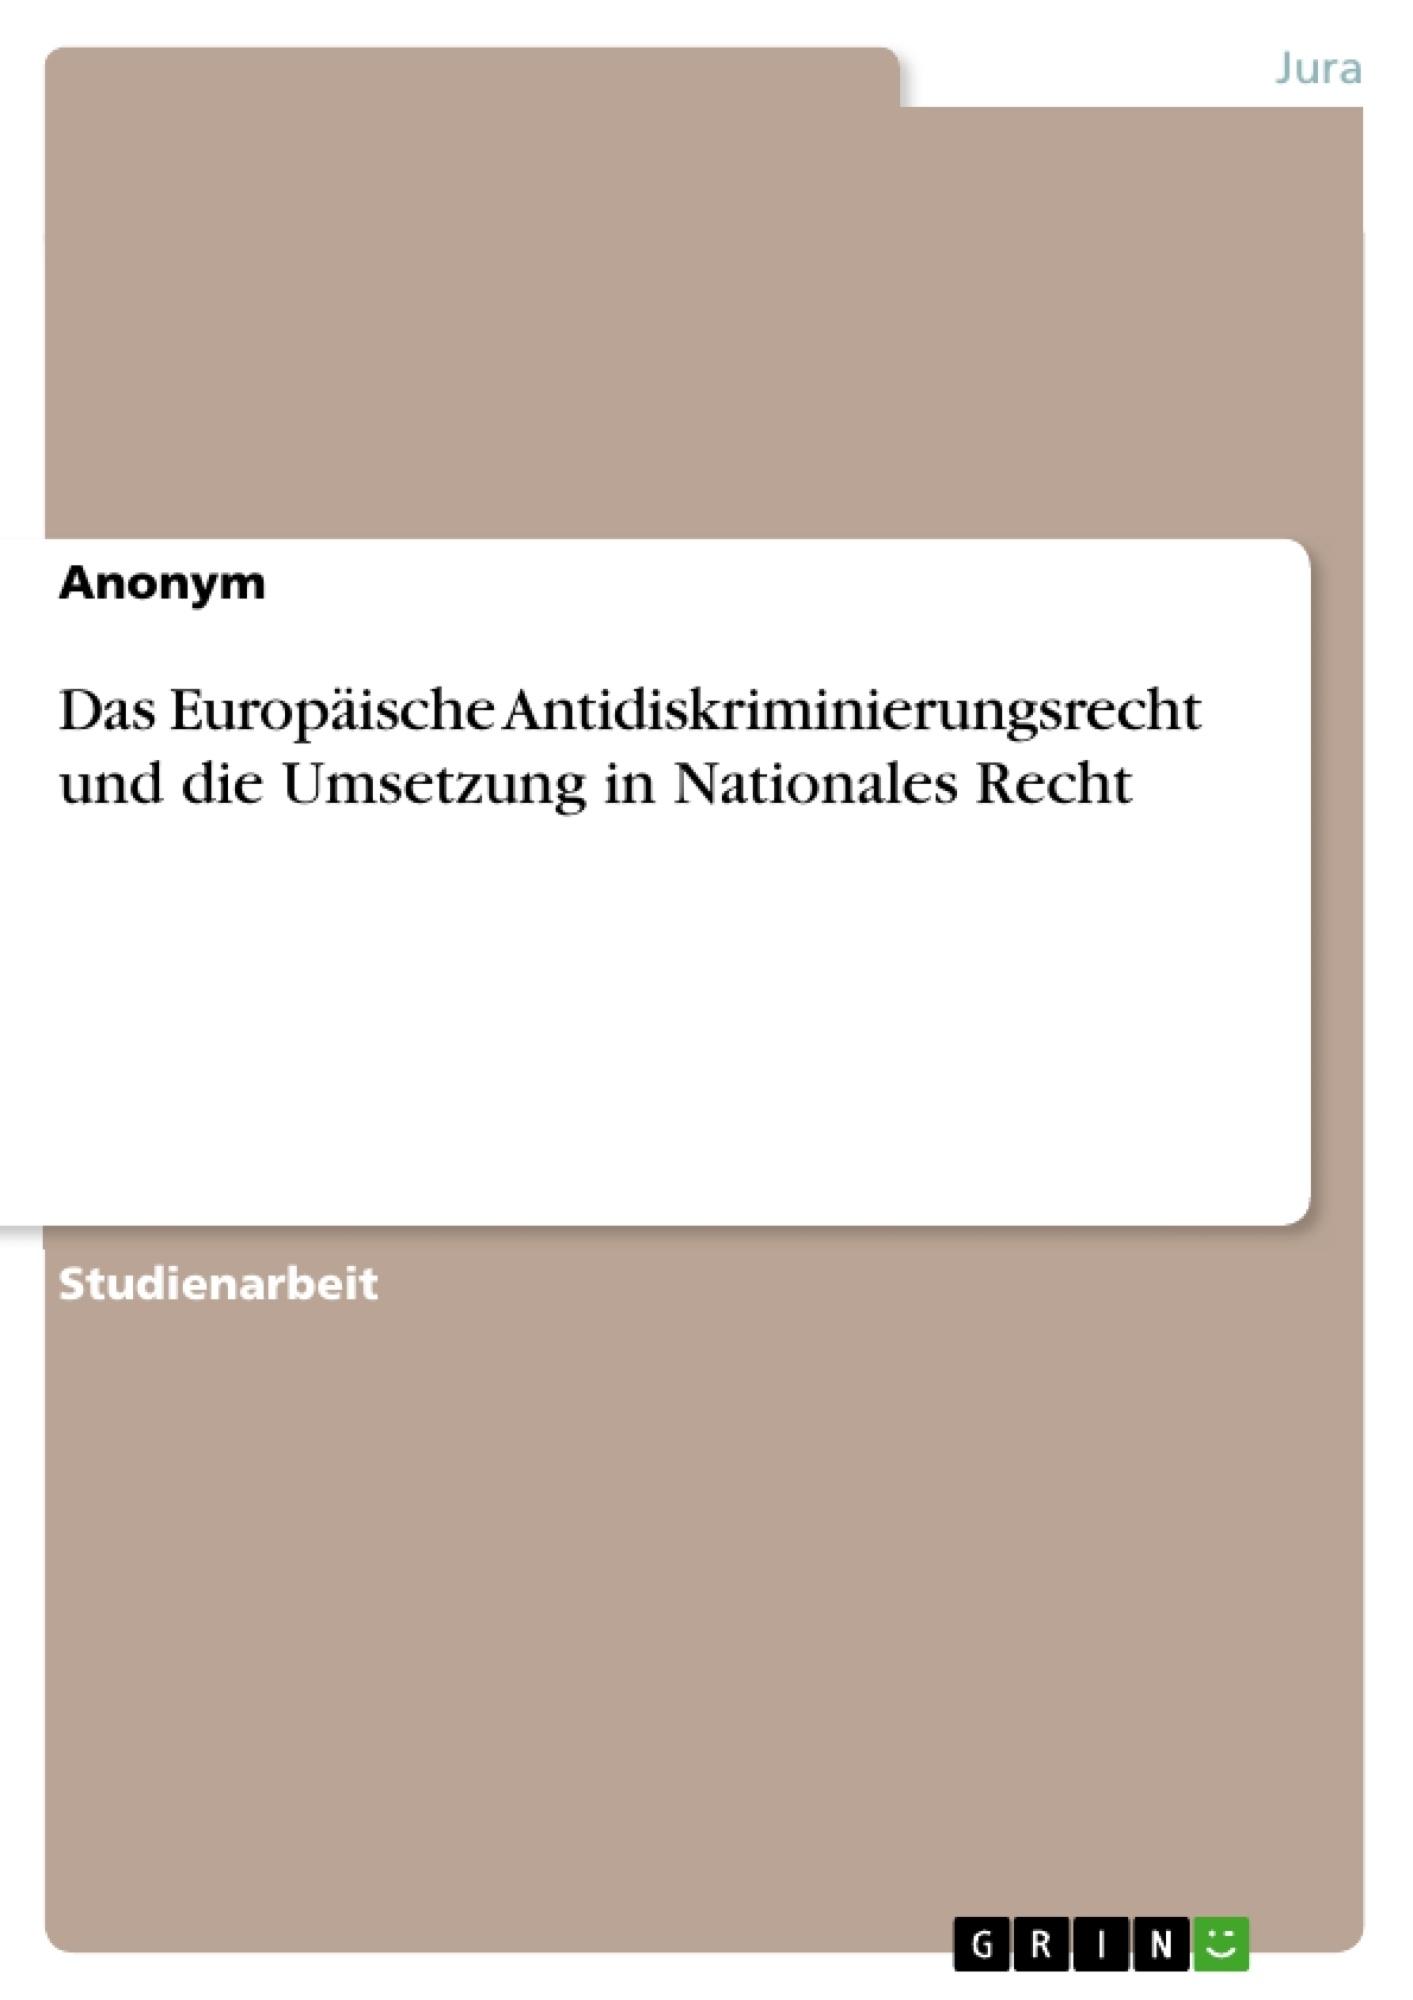 Titel: Das Europäische Antidiskriminierungsrecht und die Umsetzung in Nationales Recht